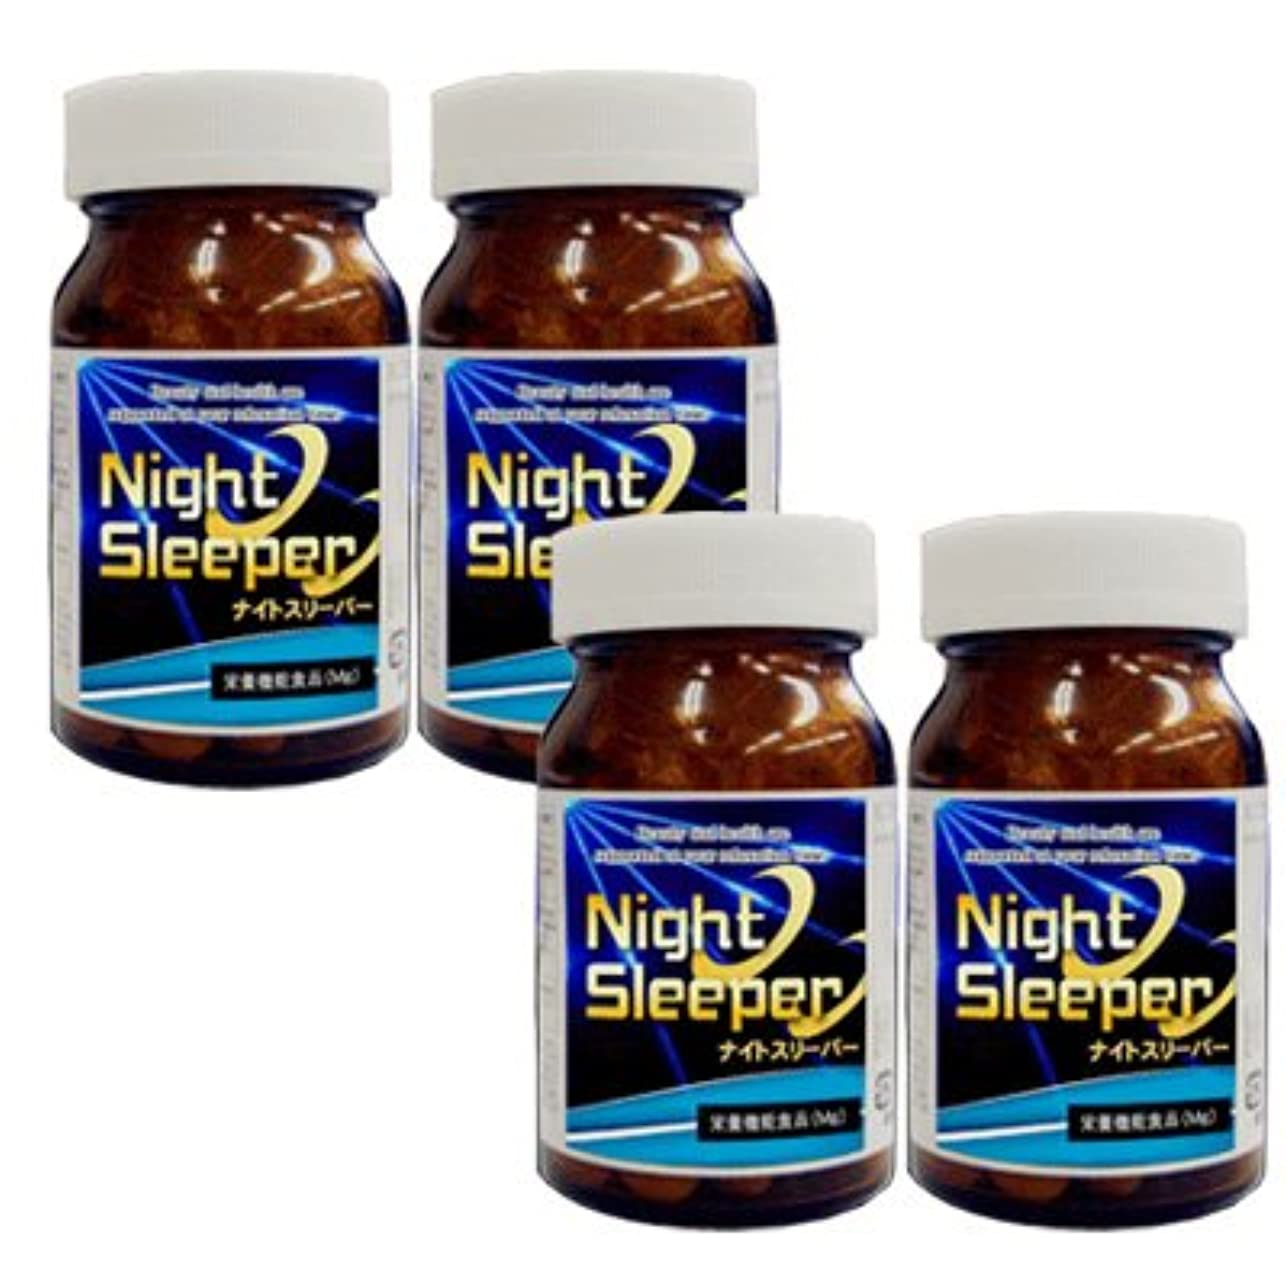 哲学者支店検閲ナイトスリーパー 4個セット! nightsleeper ×4個